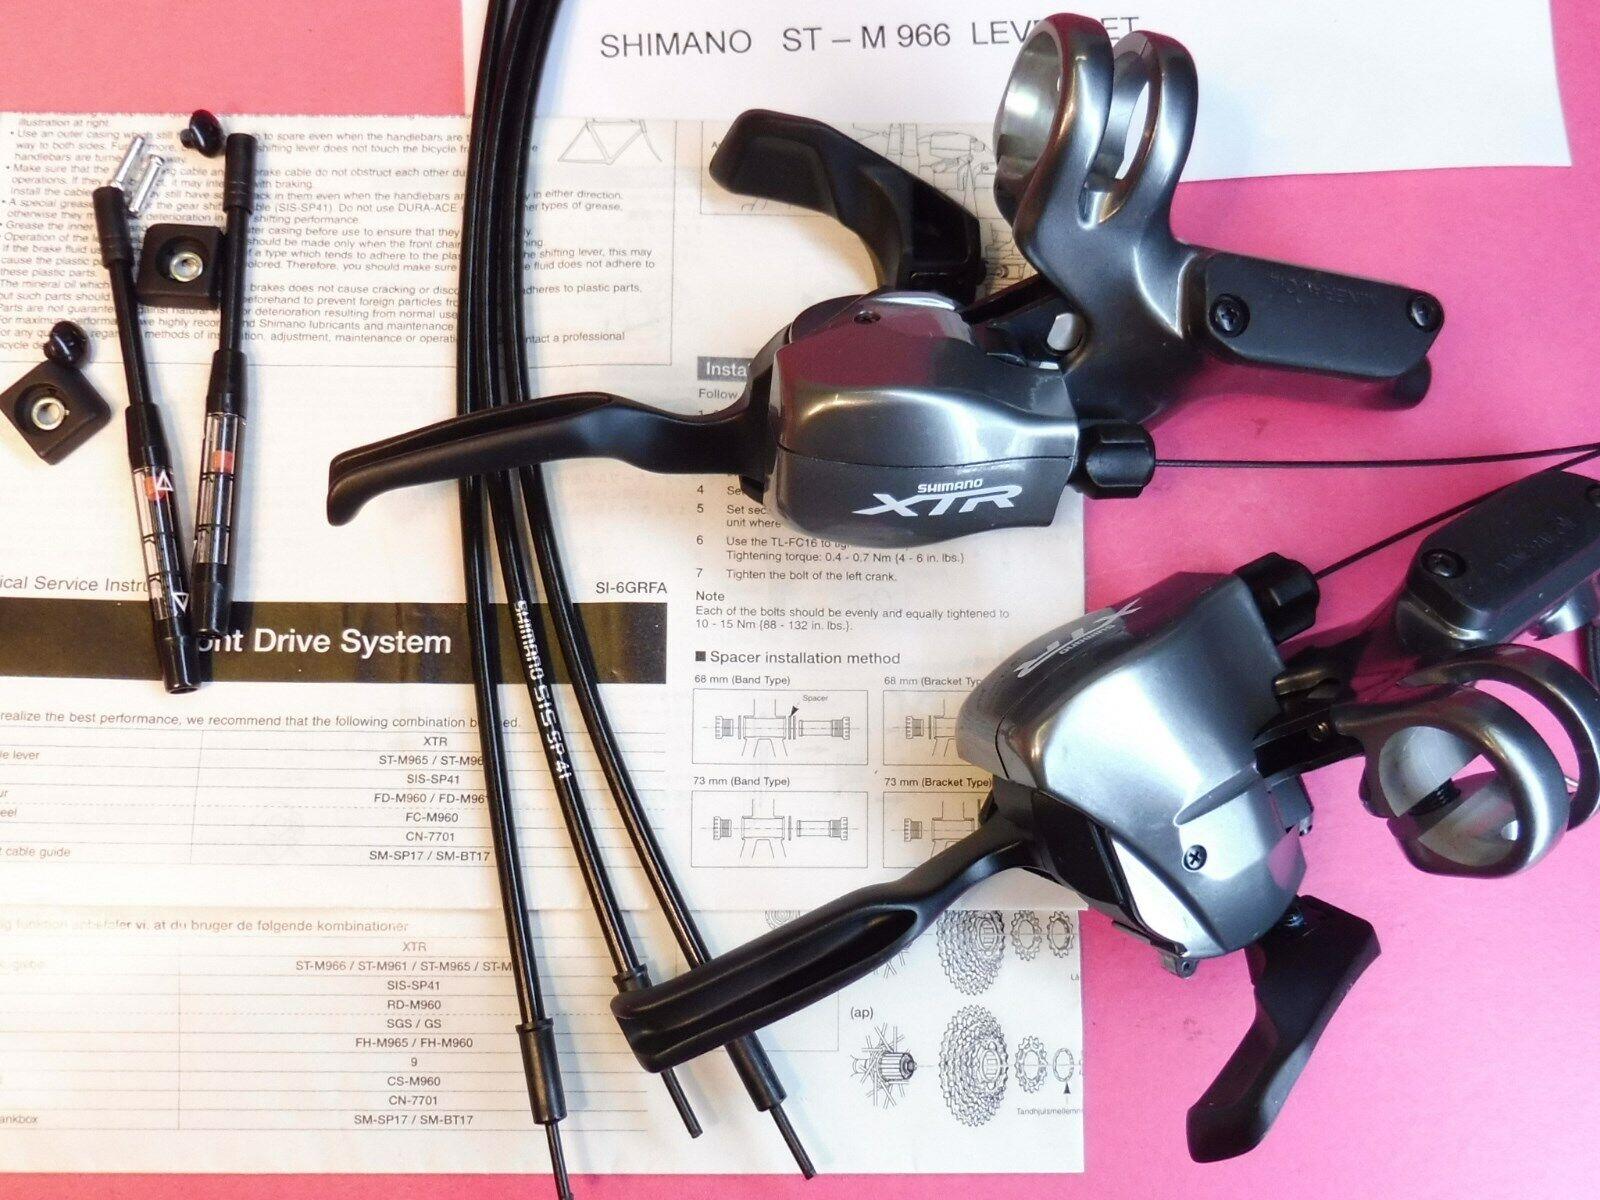 Shimano Xtr St-M966 Hebelsatz (9 X 3) - Nummern